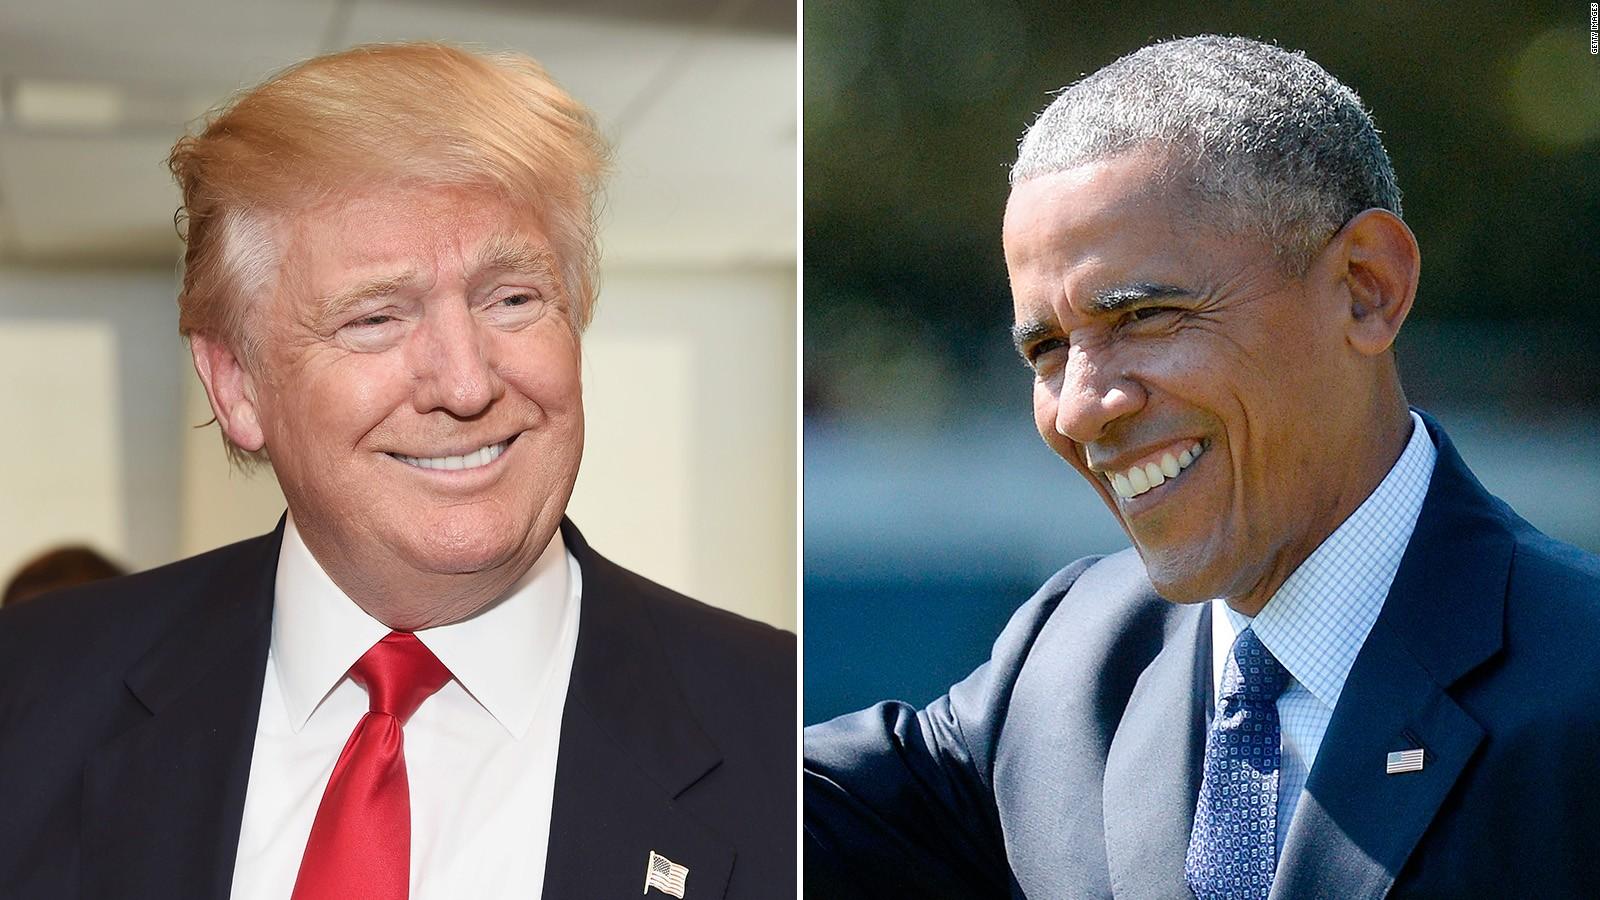 Trump Finally Ends Birther Lie Cnn Video